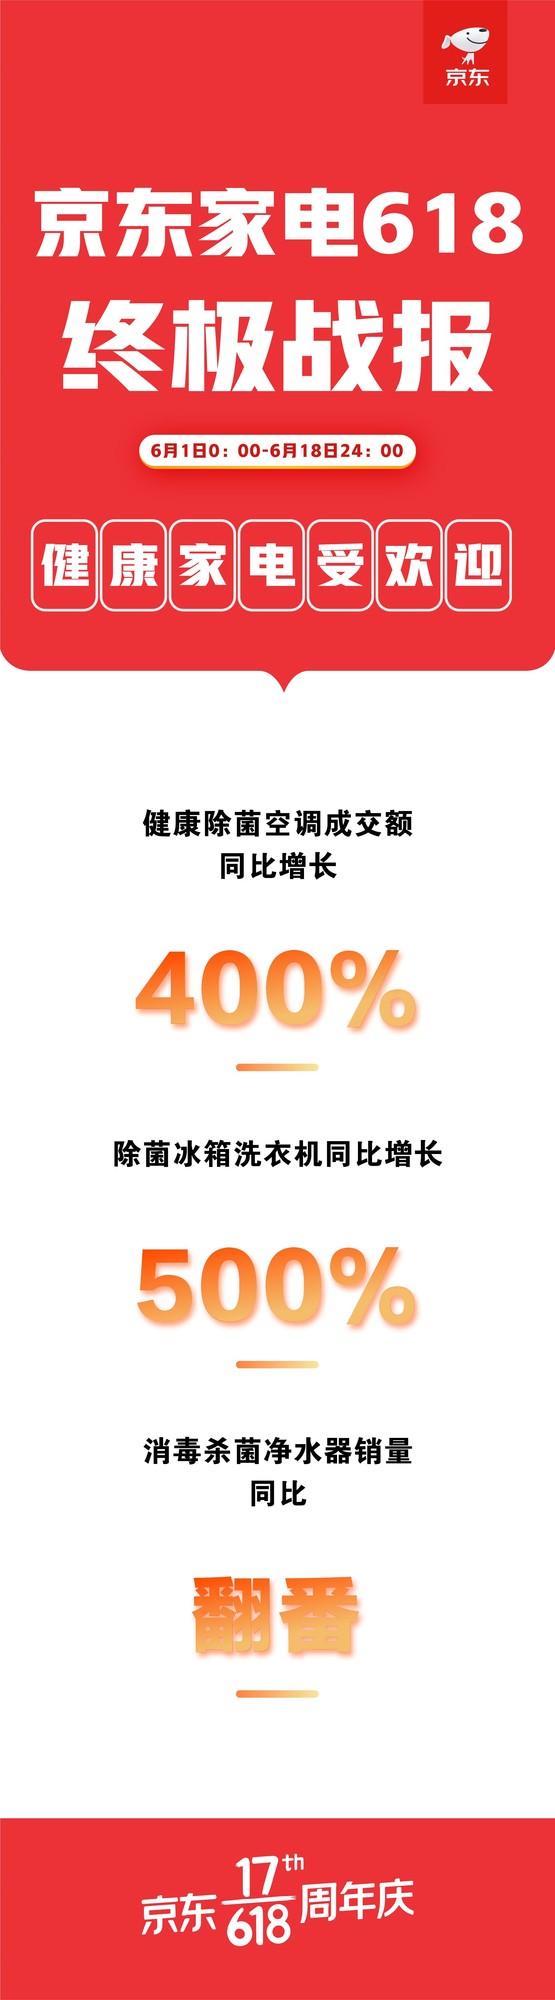 618火力全开,京东家电线上线下融合推动消费升级